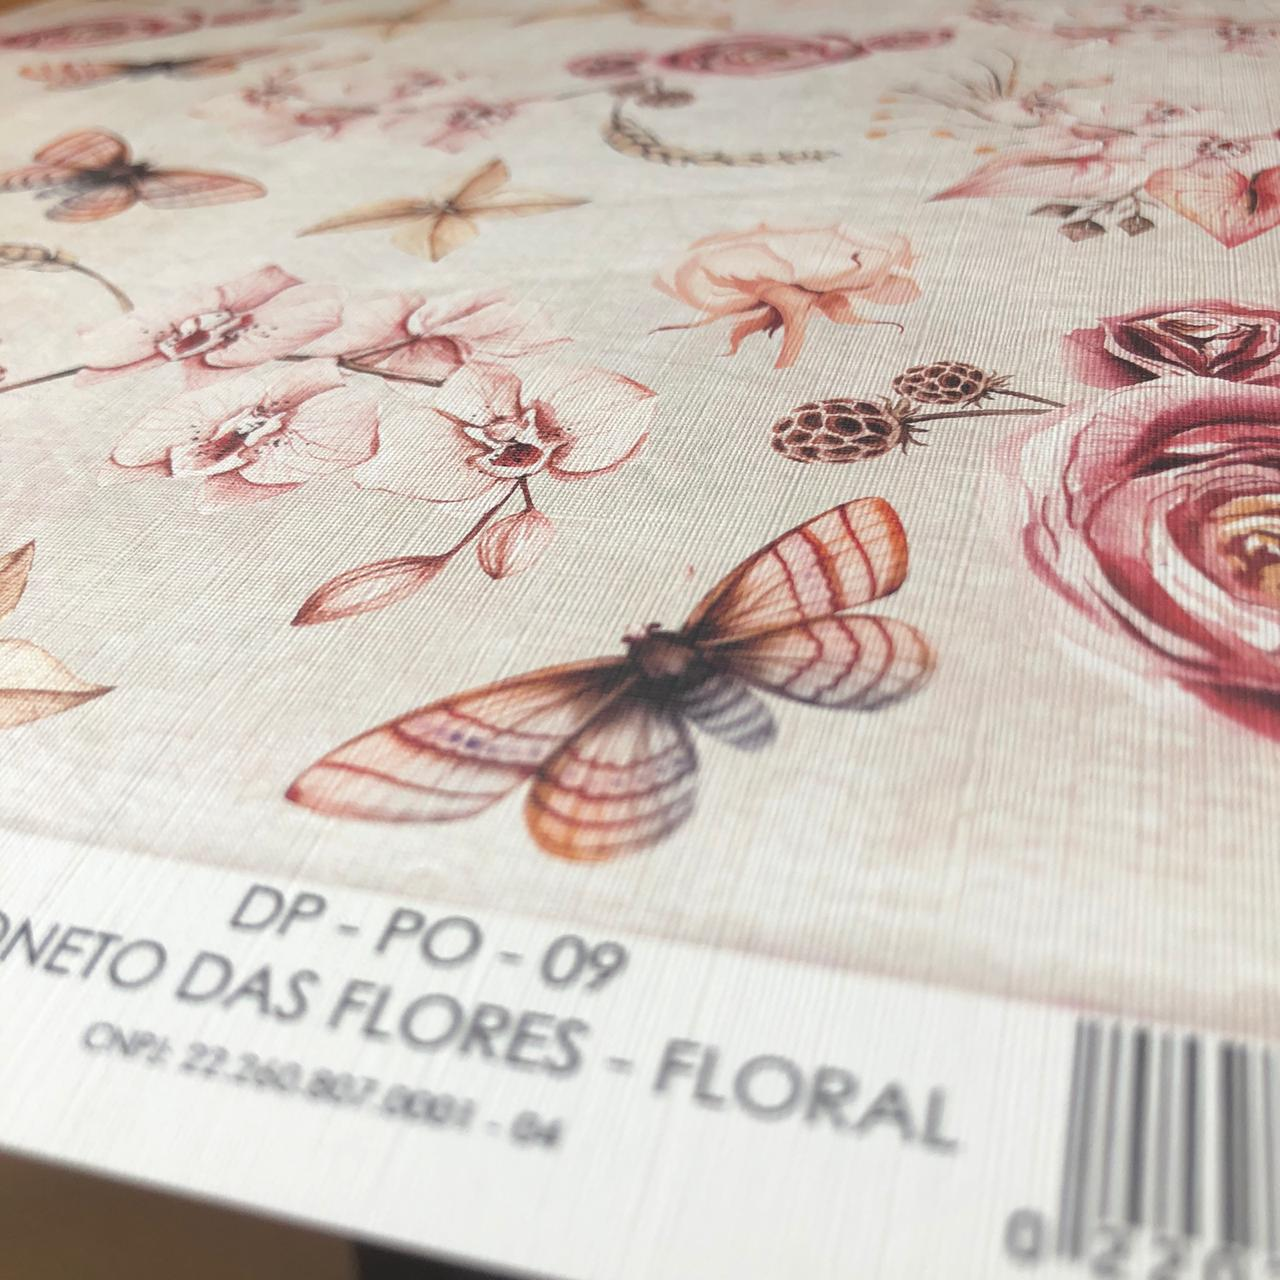 Adesivo Texturizado - Soneto das Flores Floral - Coleção Poesia - Dany Peres (DP-PO-09)